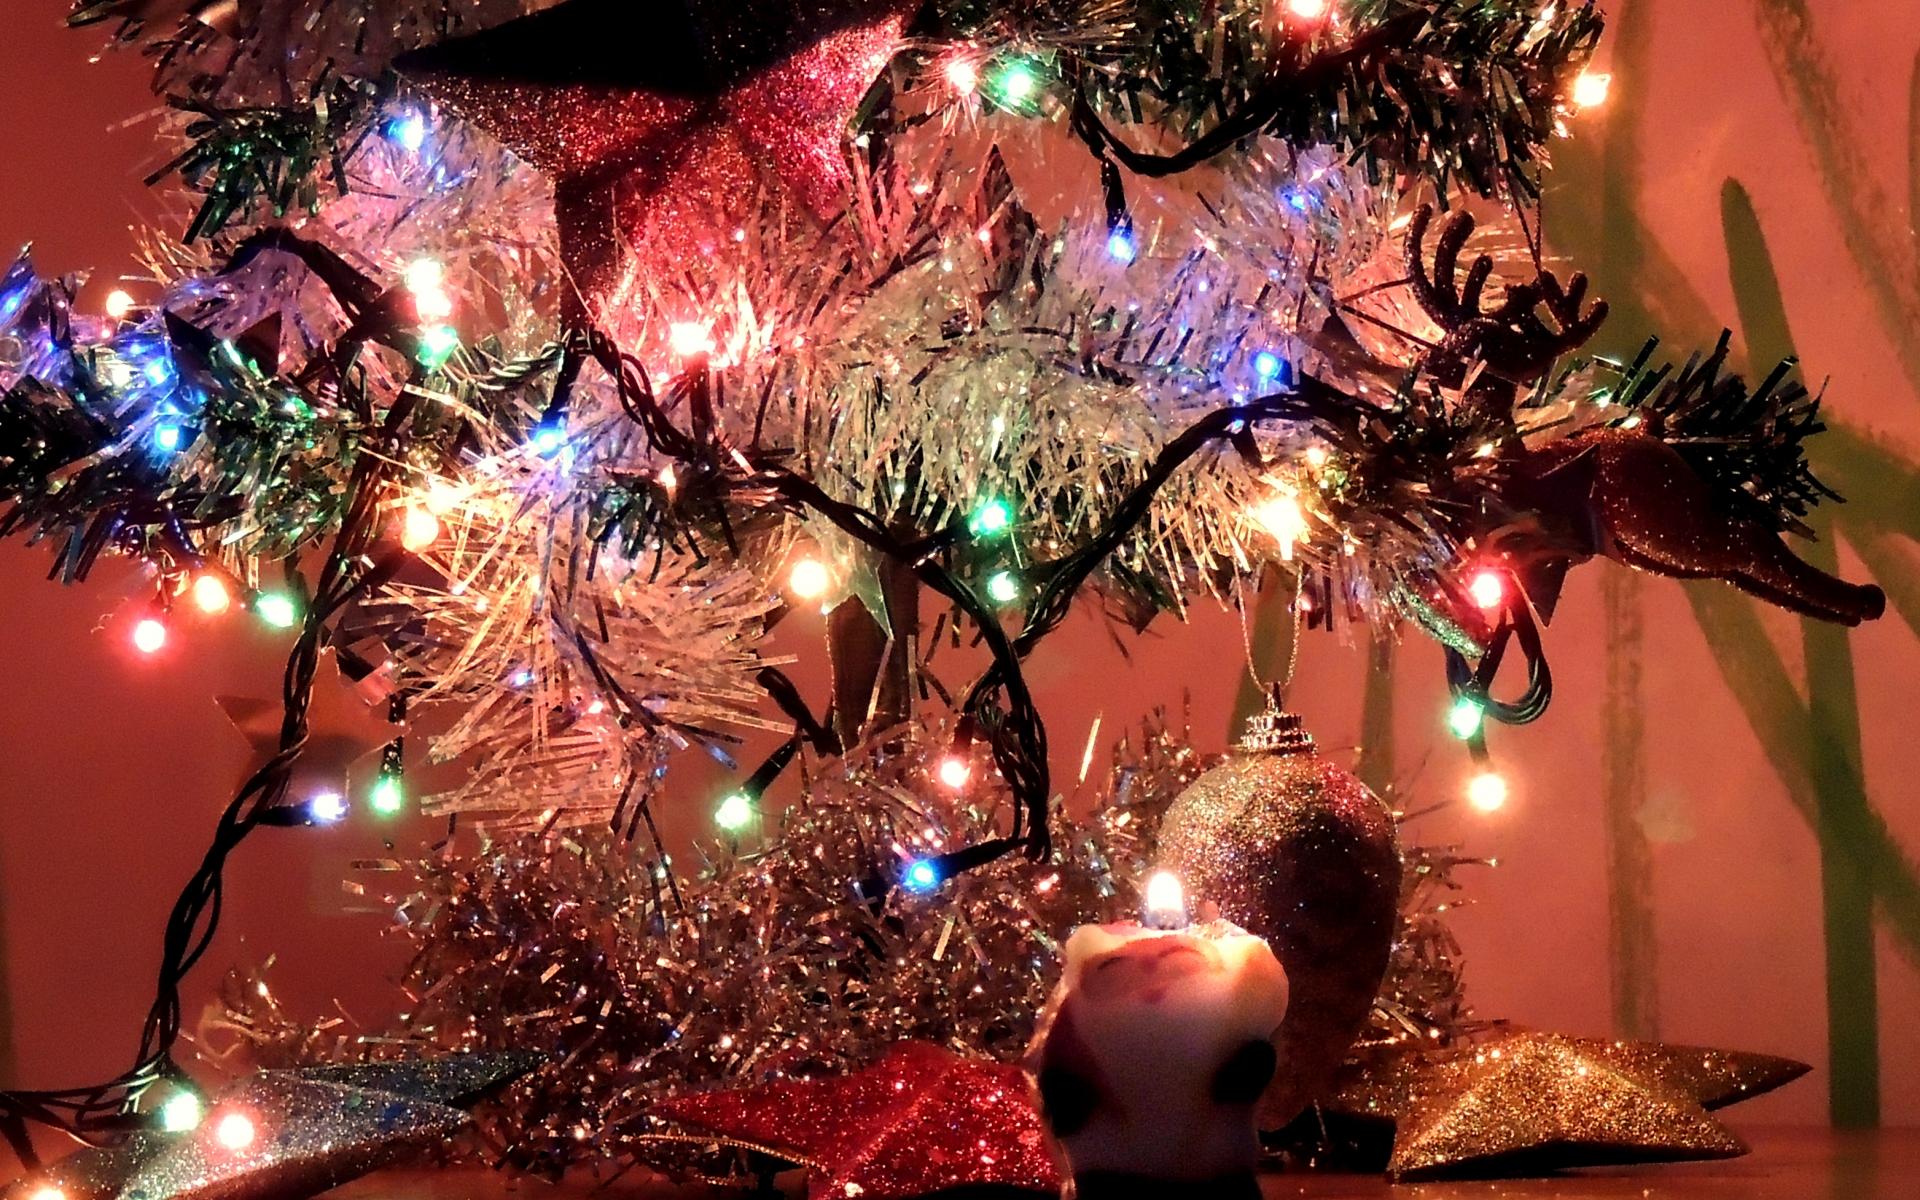 > 圣诞节主题ppt背景图片  上一页:圣诞节可爱卡通风格ppt背景图片 下